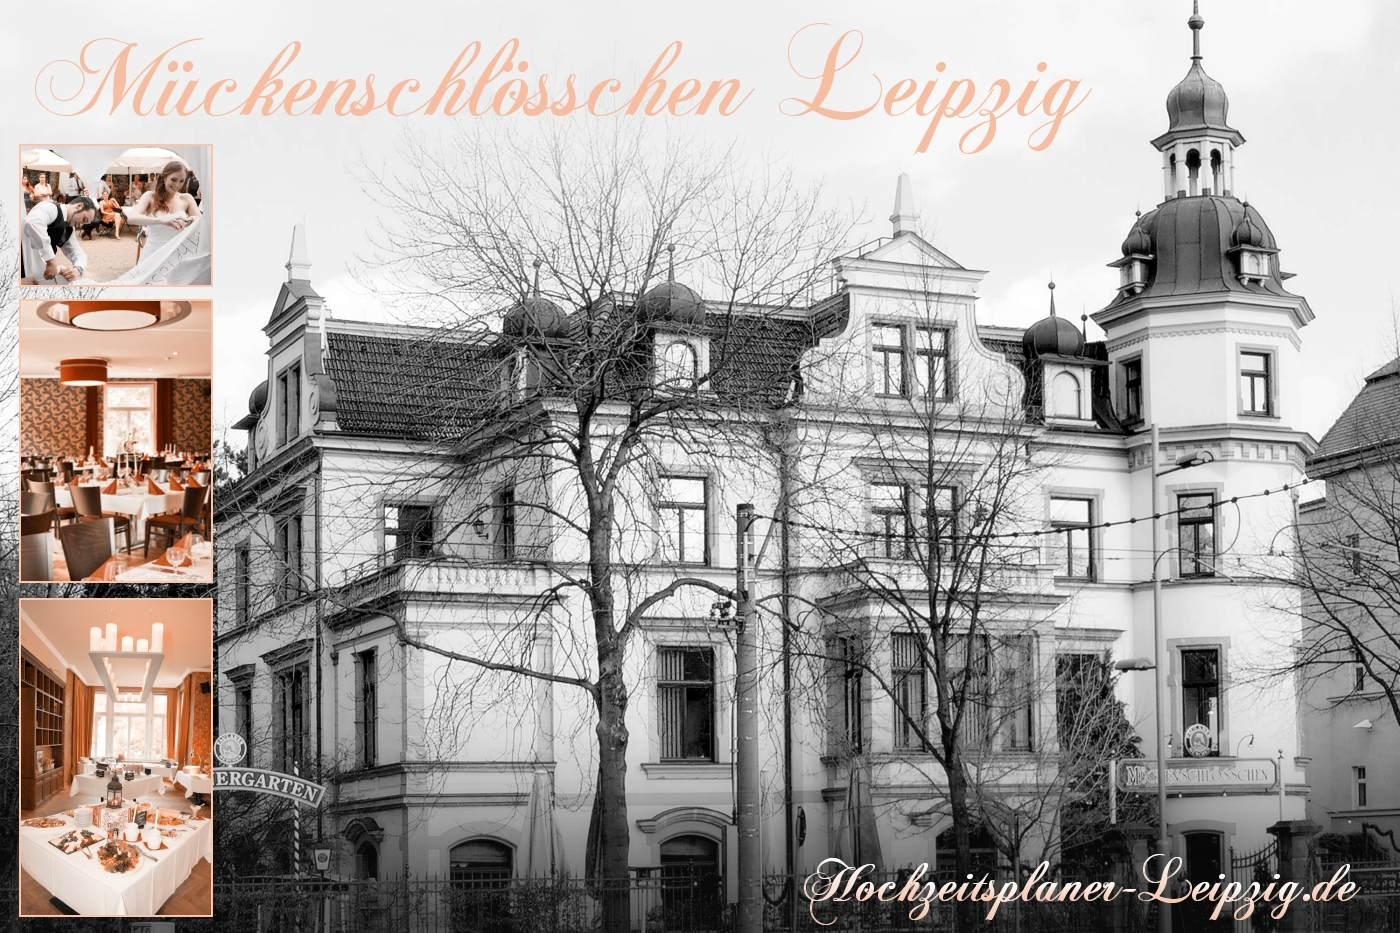 Gohliser Schlosschen Heiraten Feiern Hochzeitsplaner Leipzig De